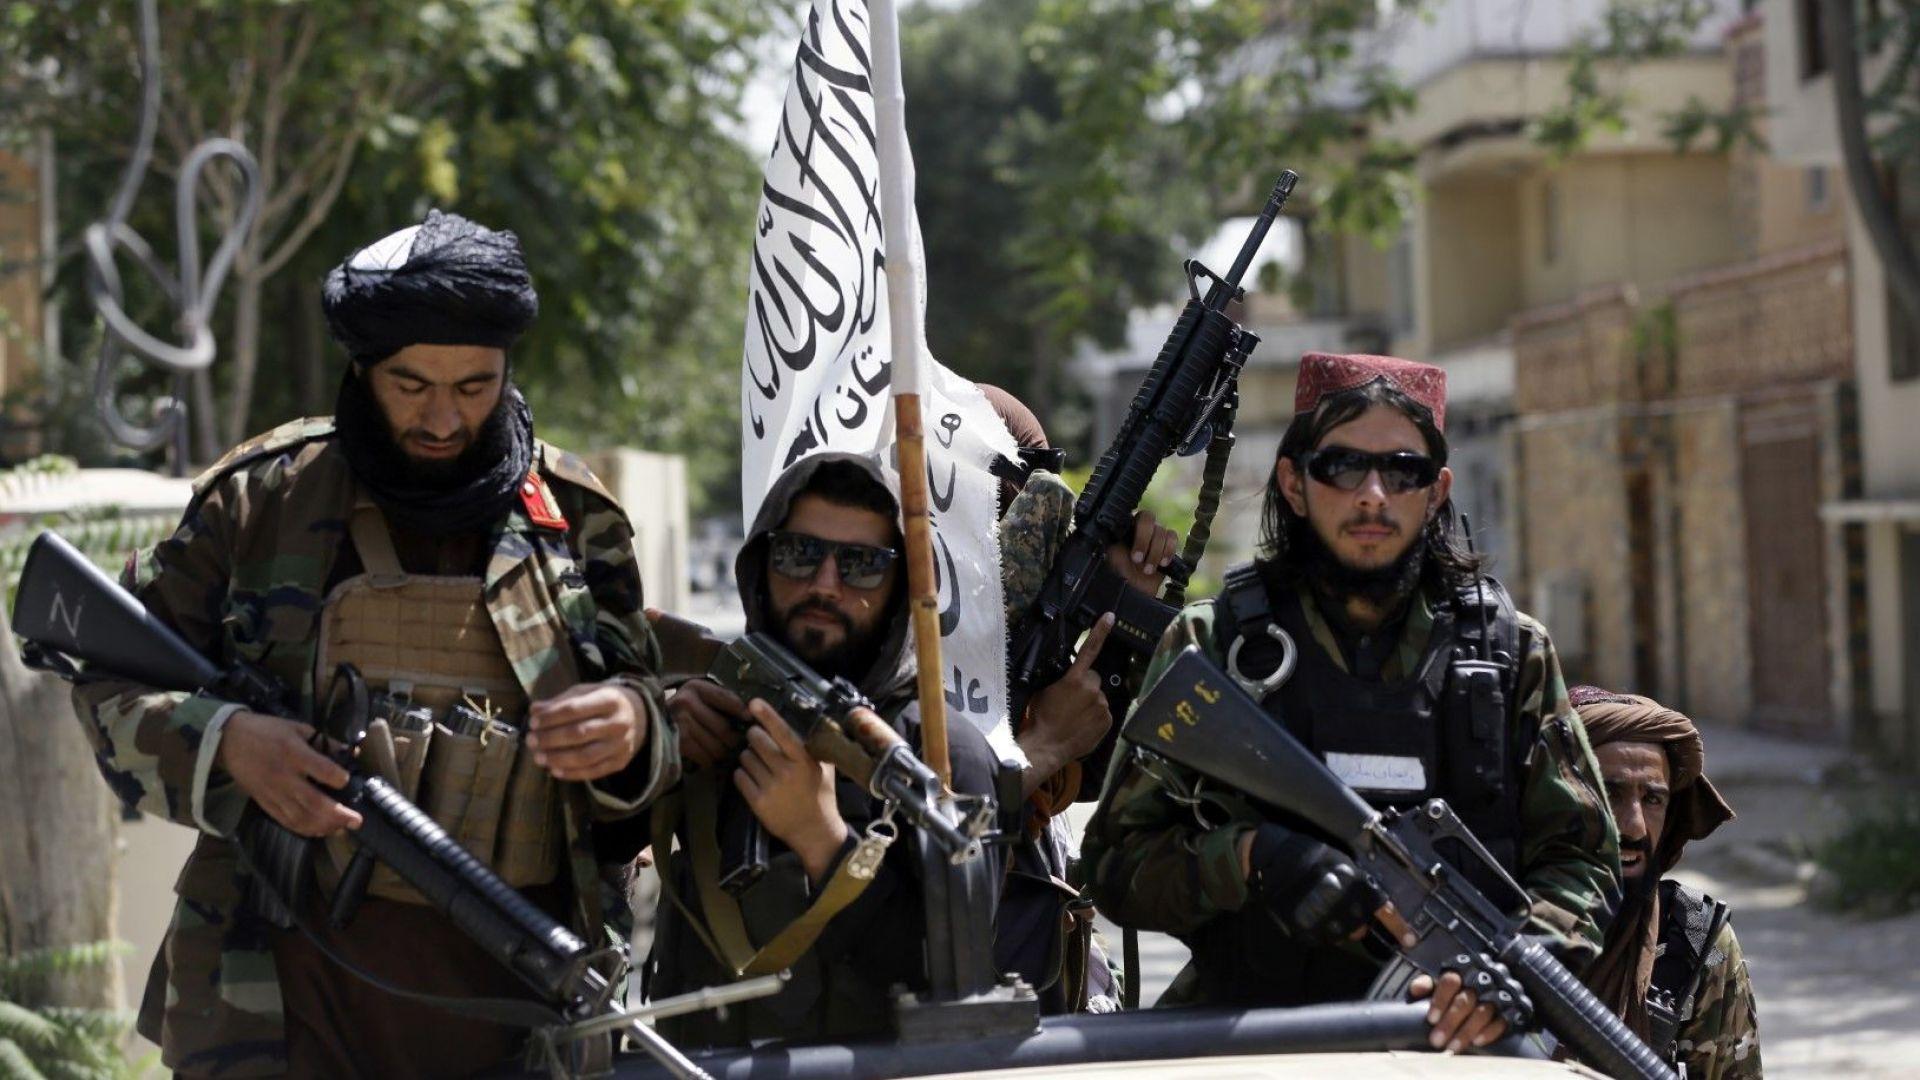 ЕС няма да бърза да признава талибаните, но ще води диалог